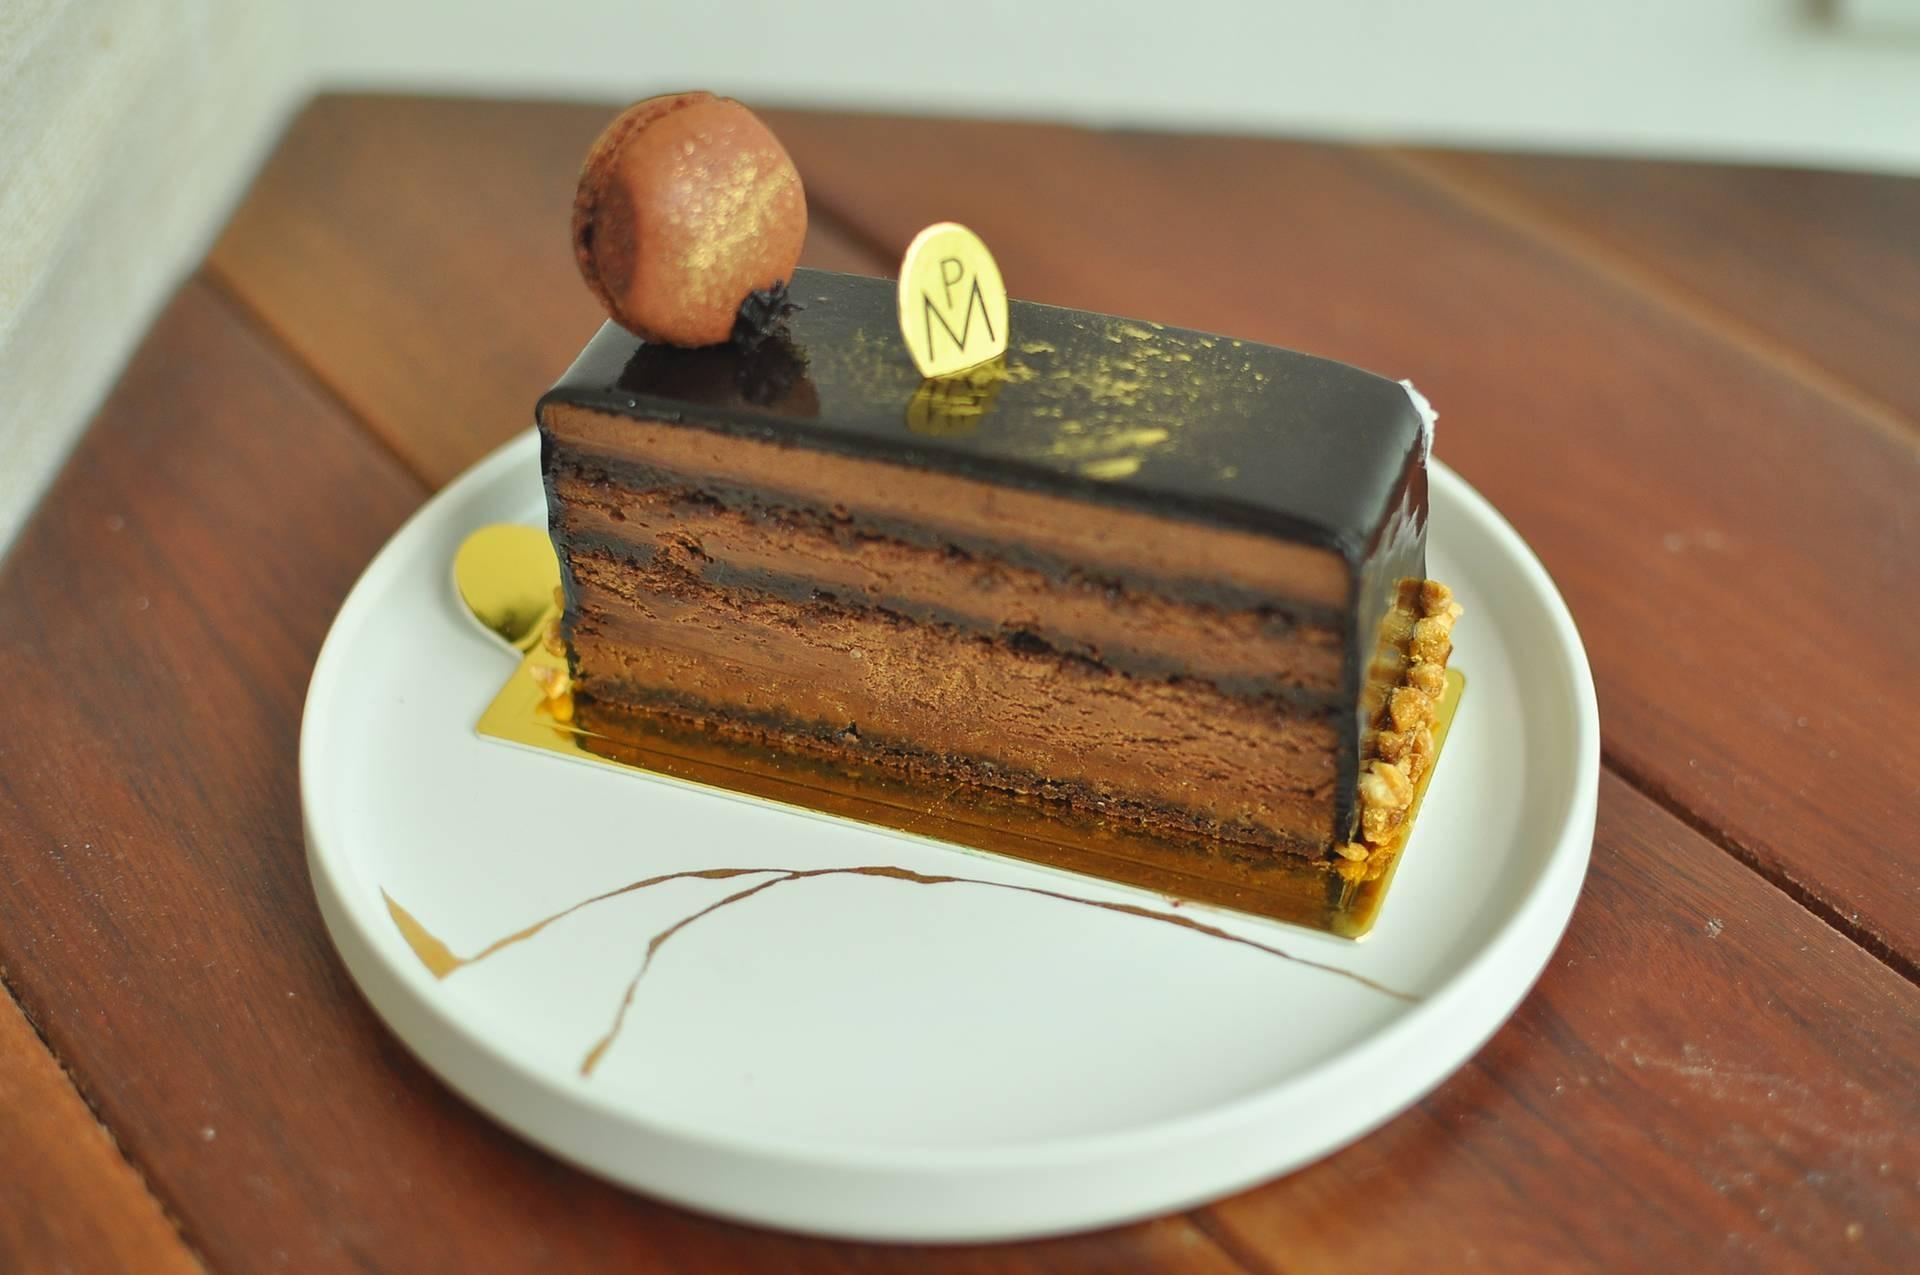 ใครชอบ dark chocolate ต้องสั่ง มันจะขมๆหน่อยแต่ฟินมาก